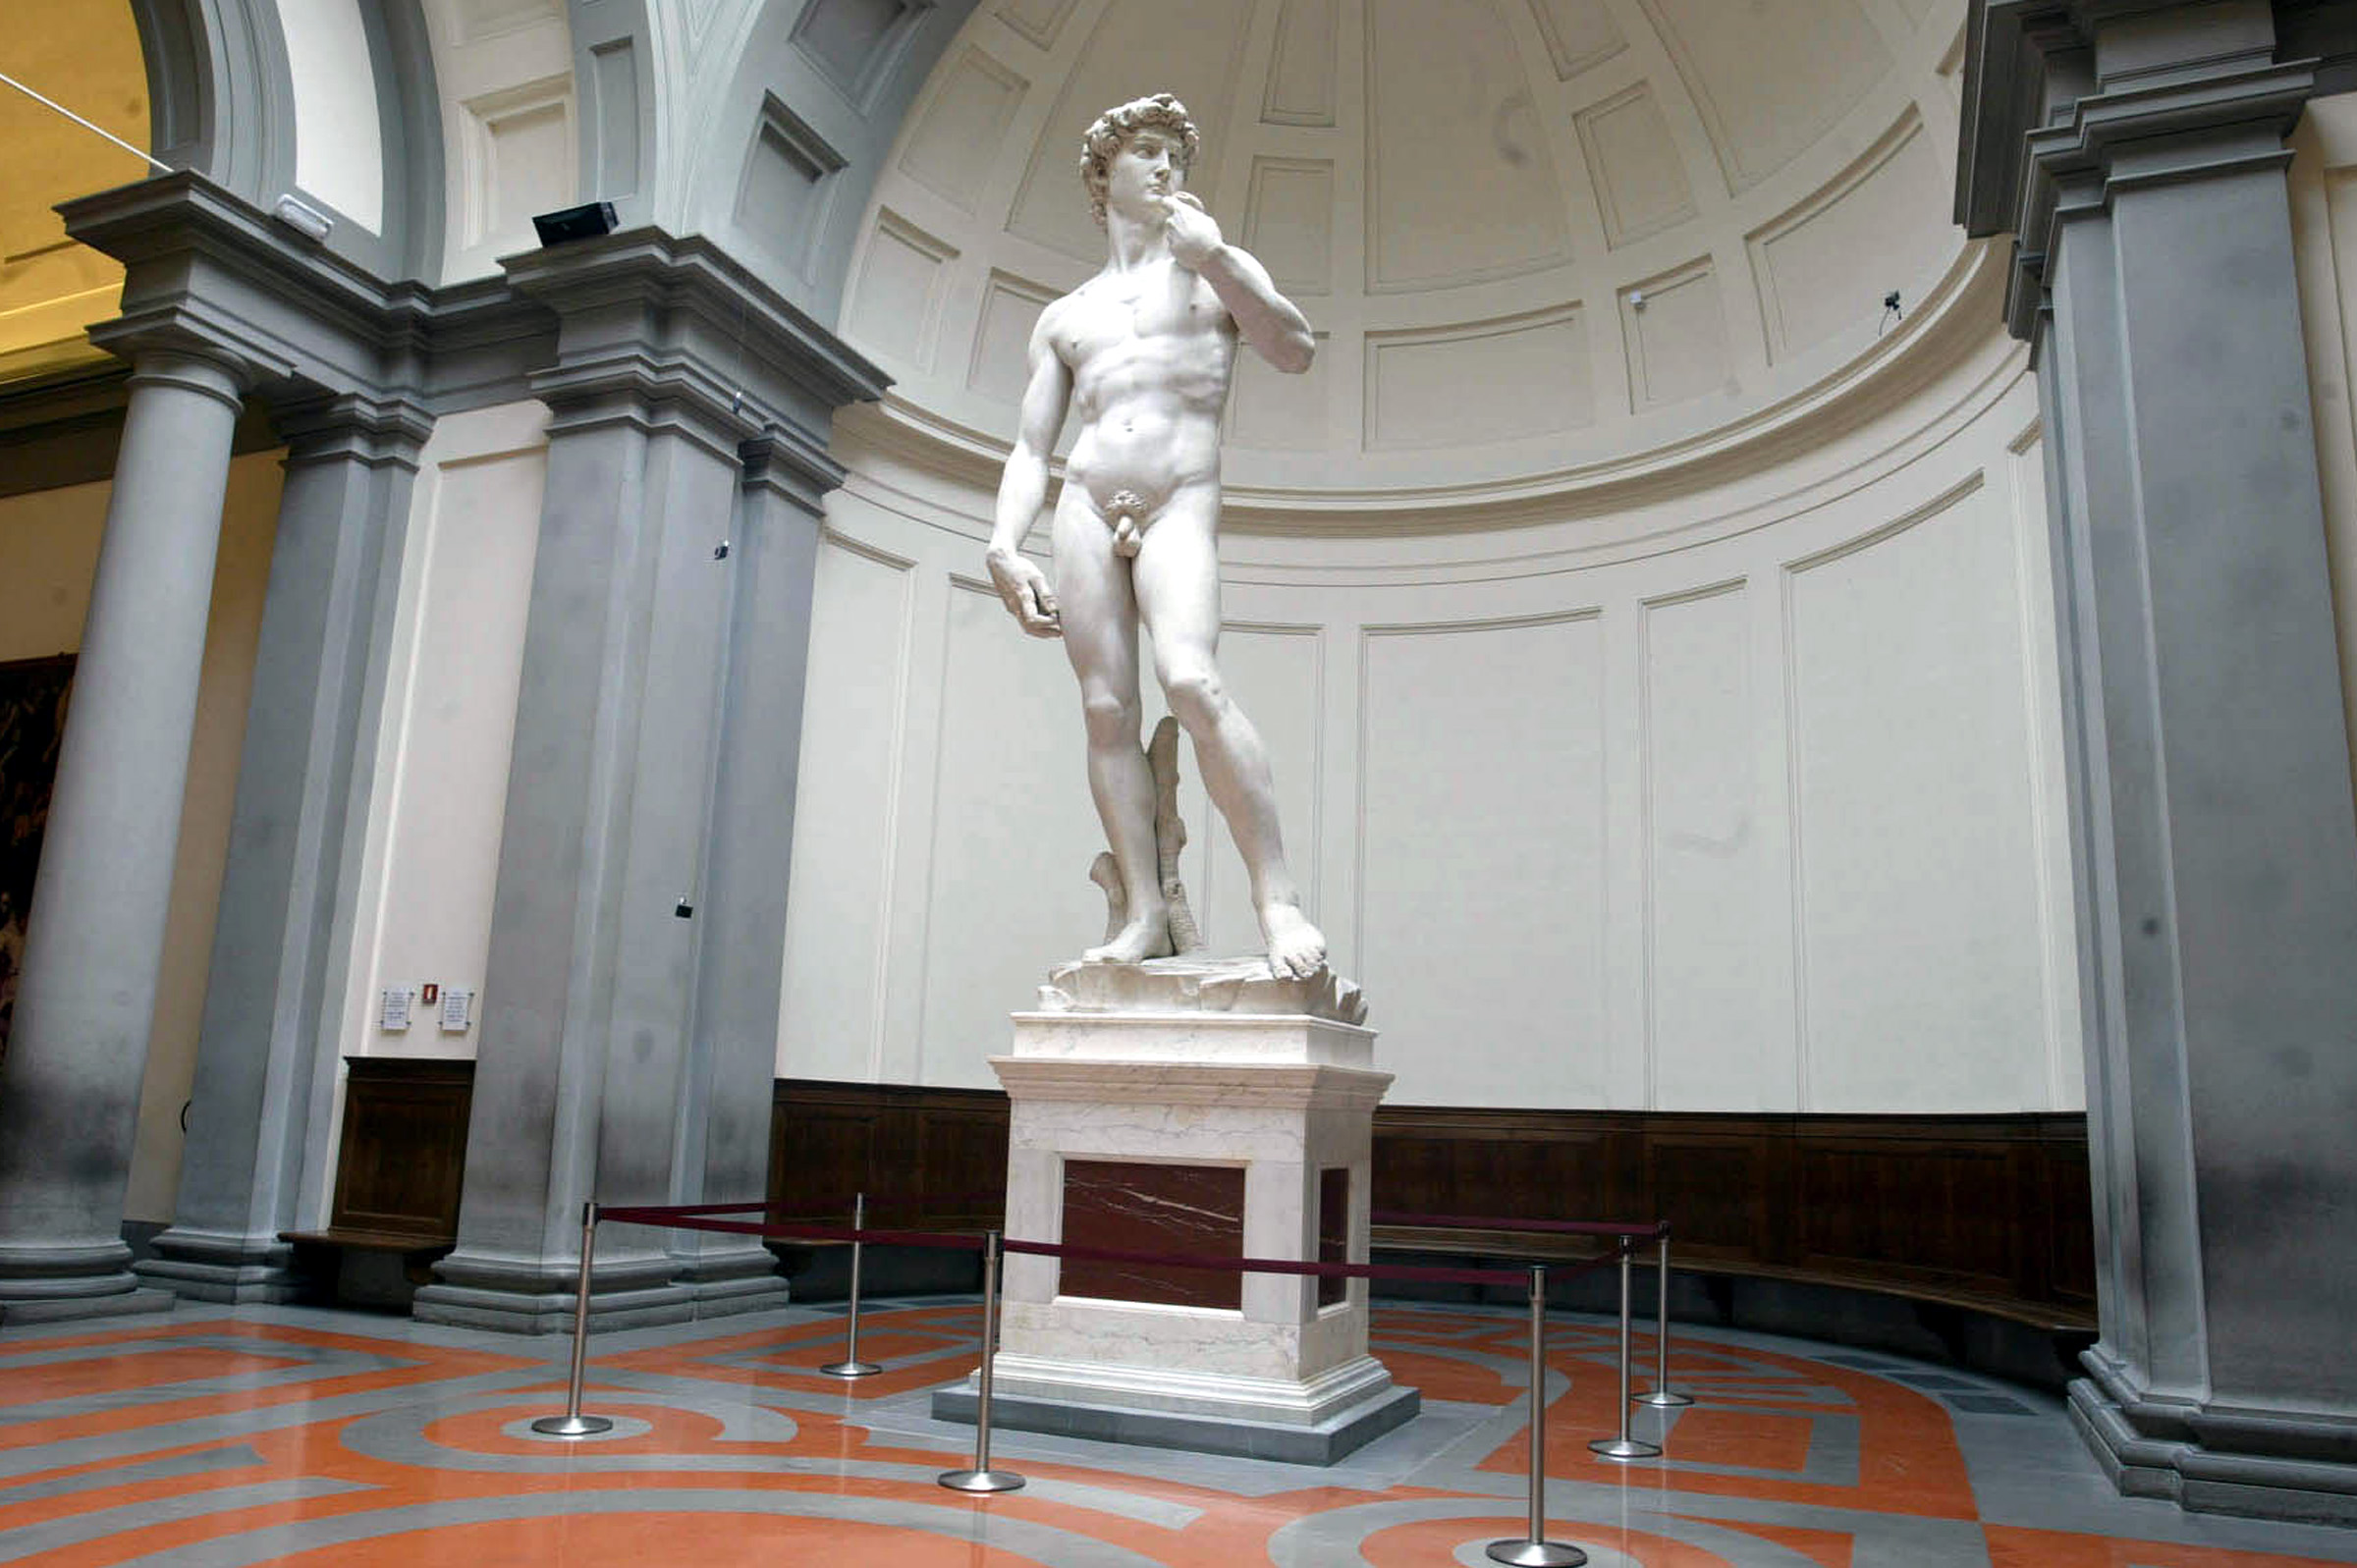 David di Michelangelo in pericolo micro fratture nelle gambe compromettono struttura